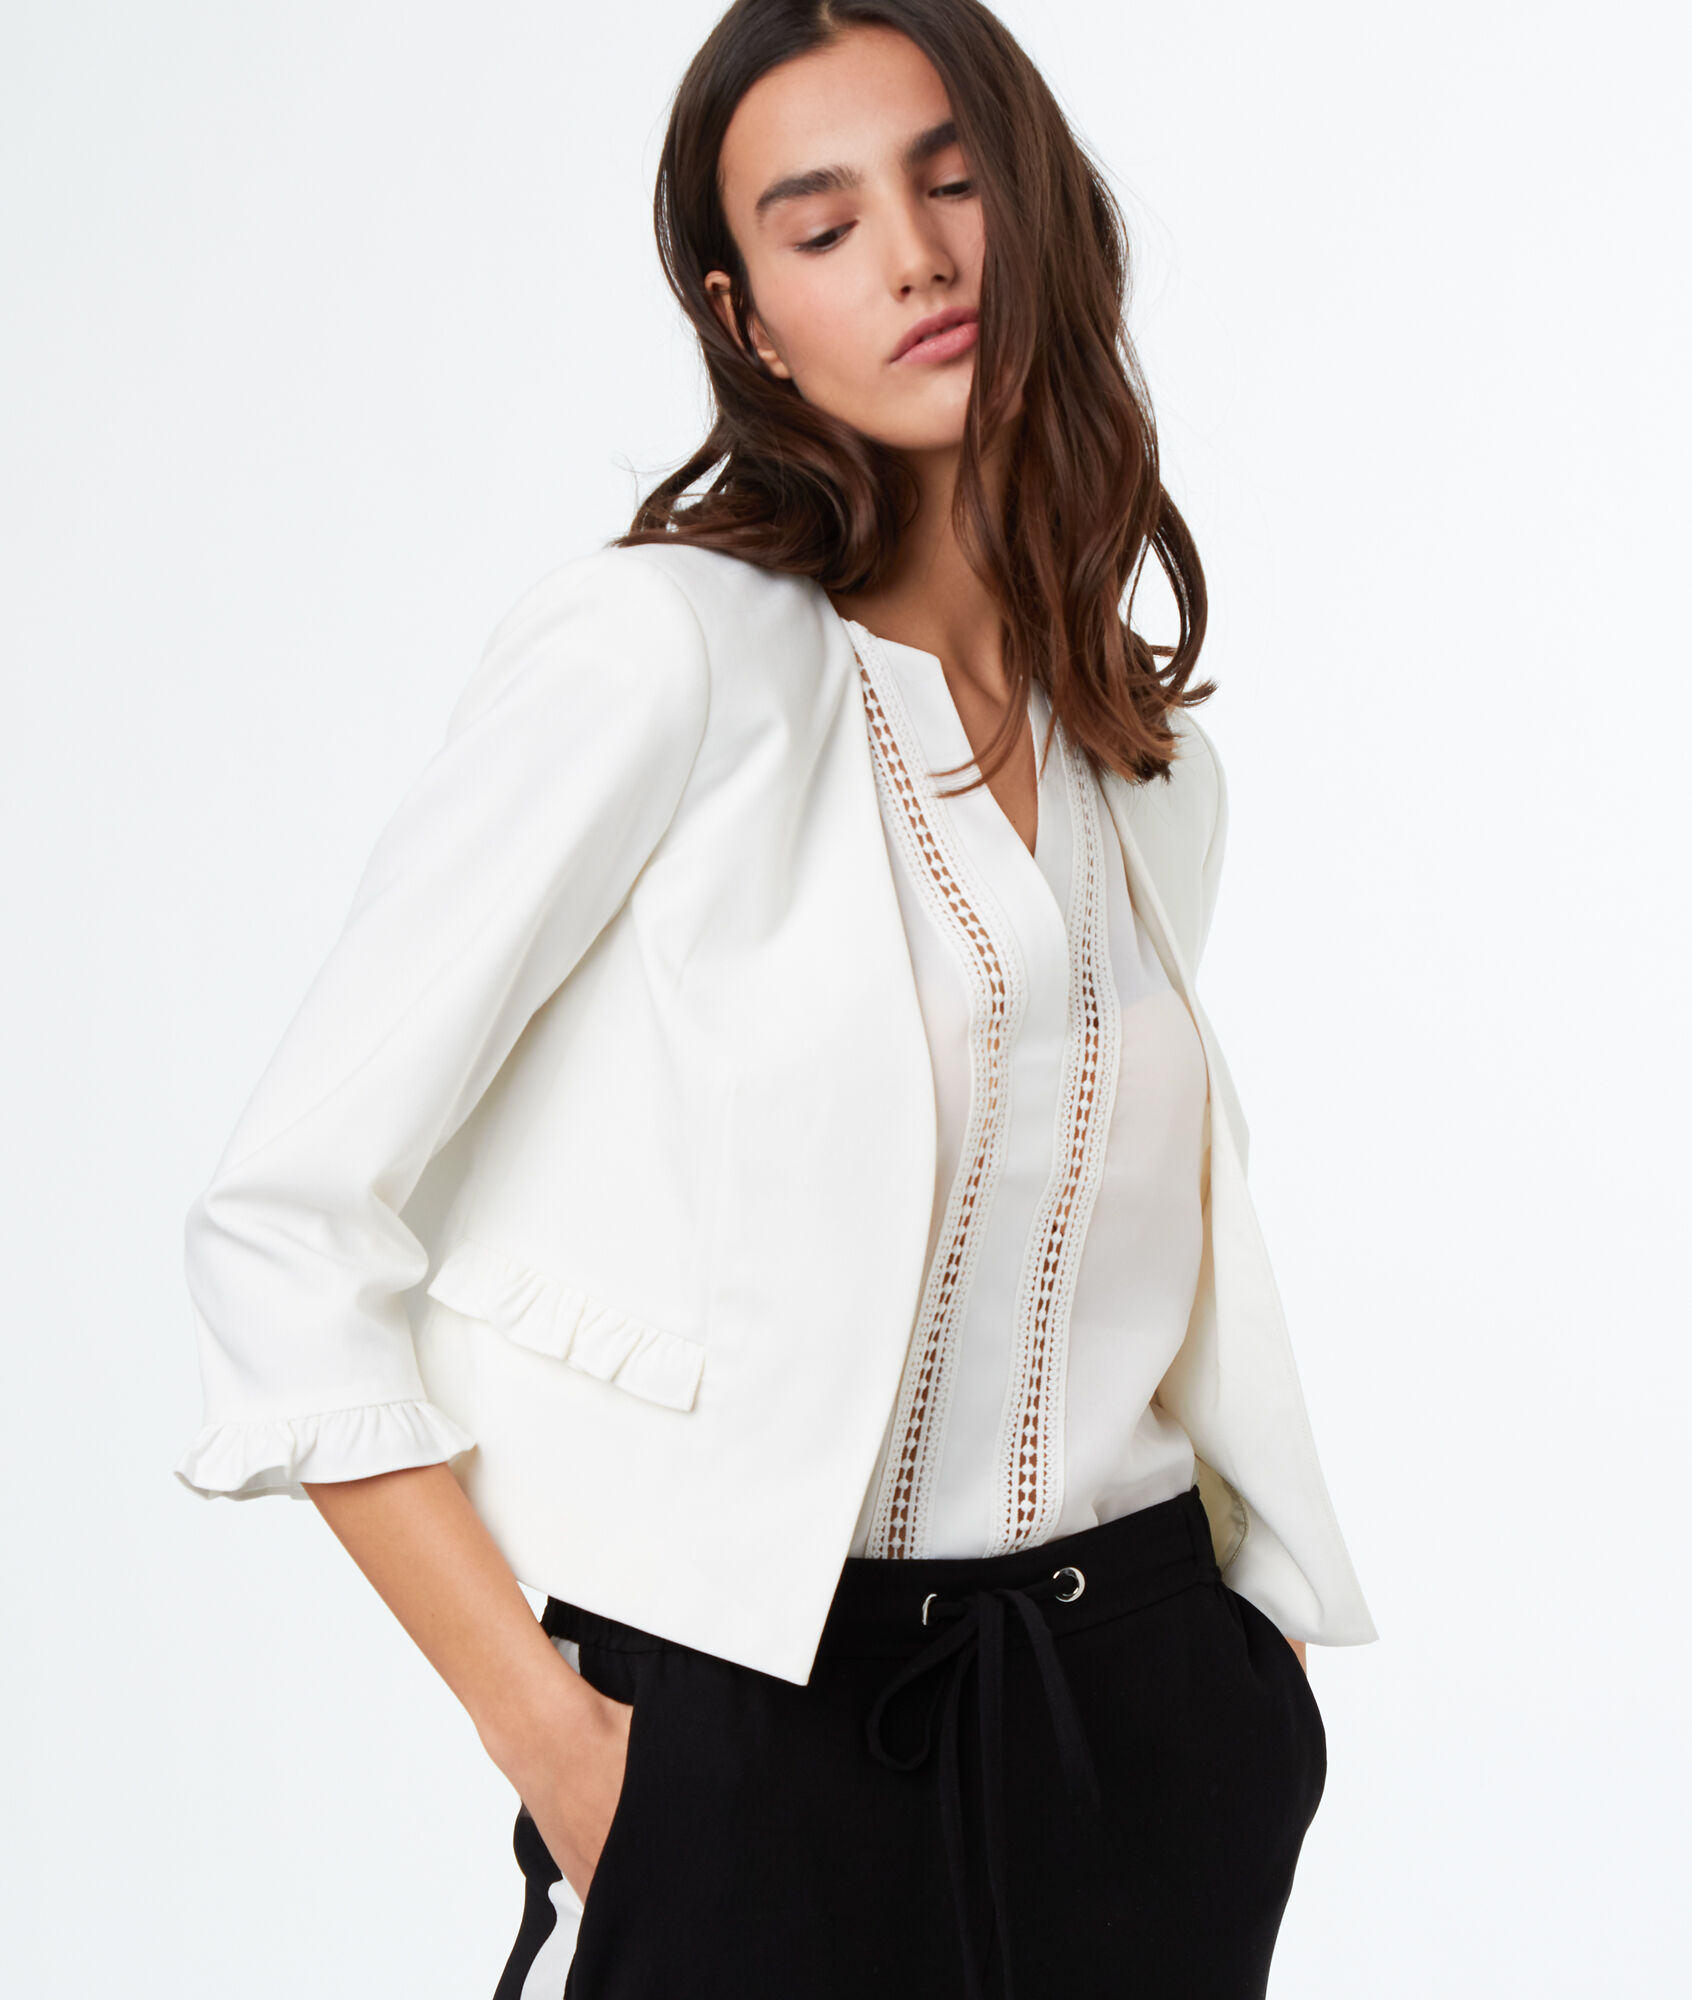 veste blanc femme taille 48 vestes la mode 2018. Black Bedroom Furniture Sets. Home Design Ideas